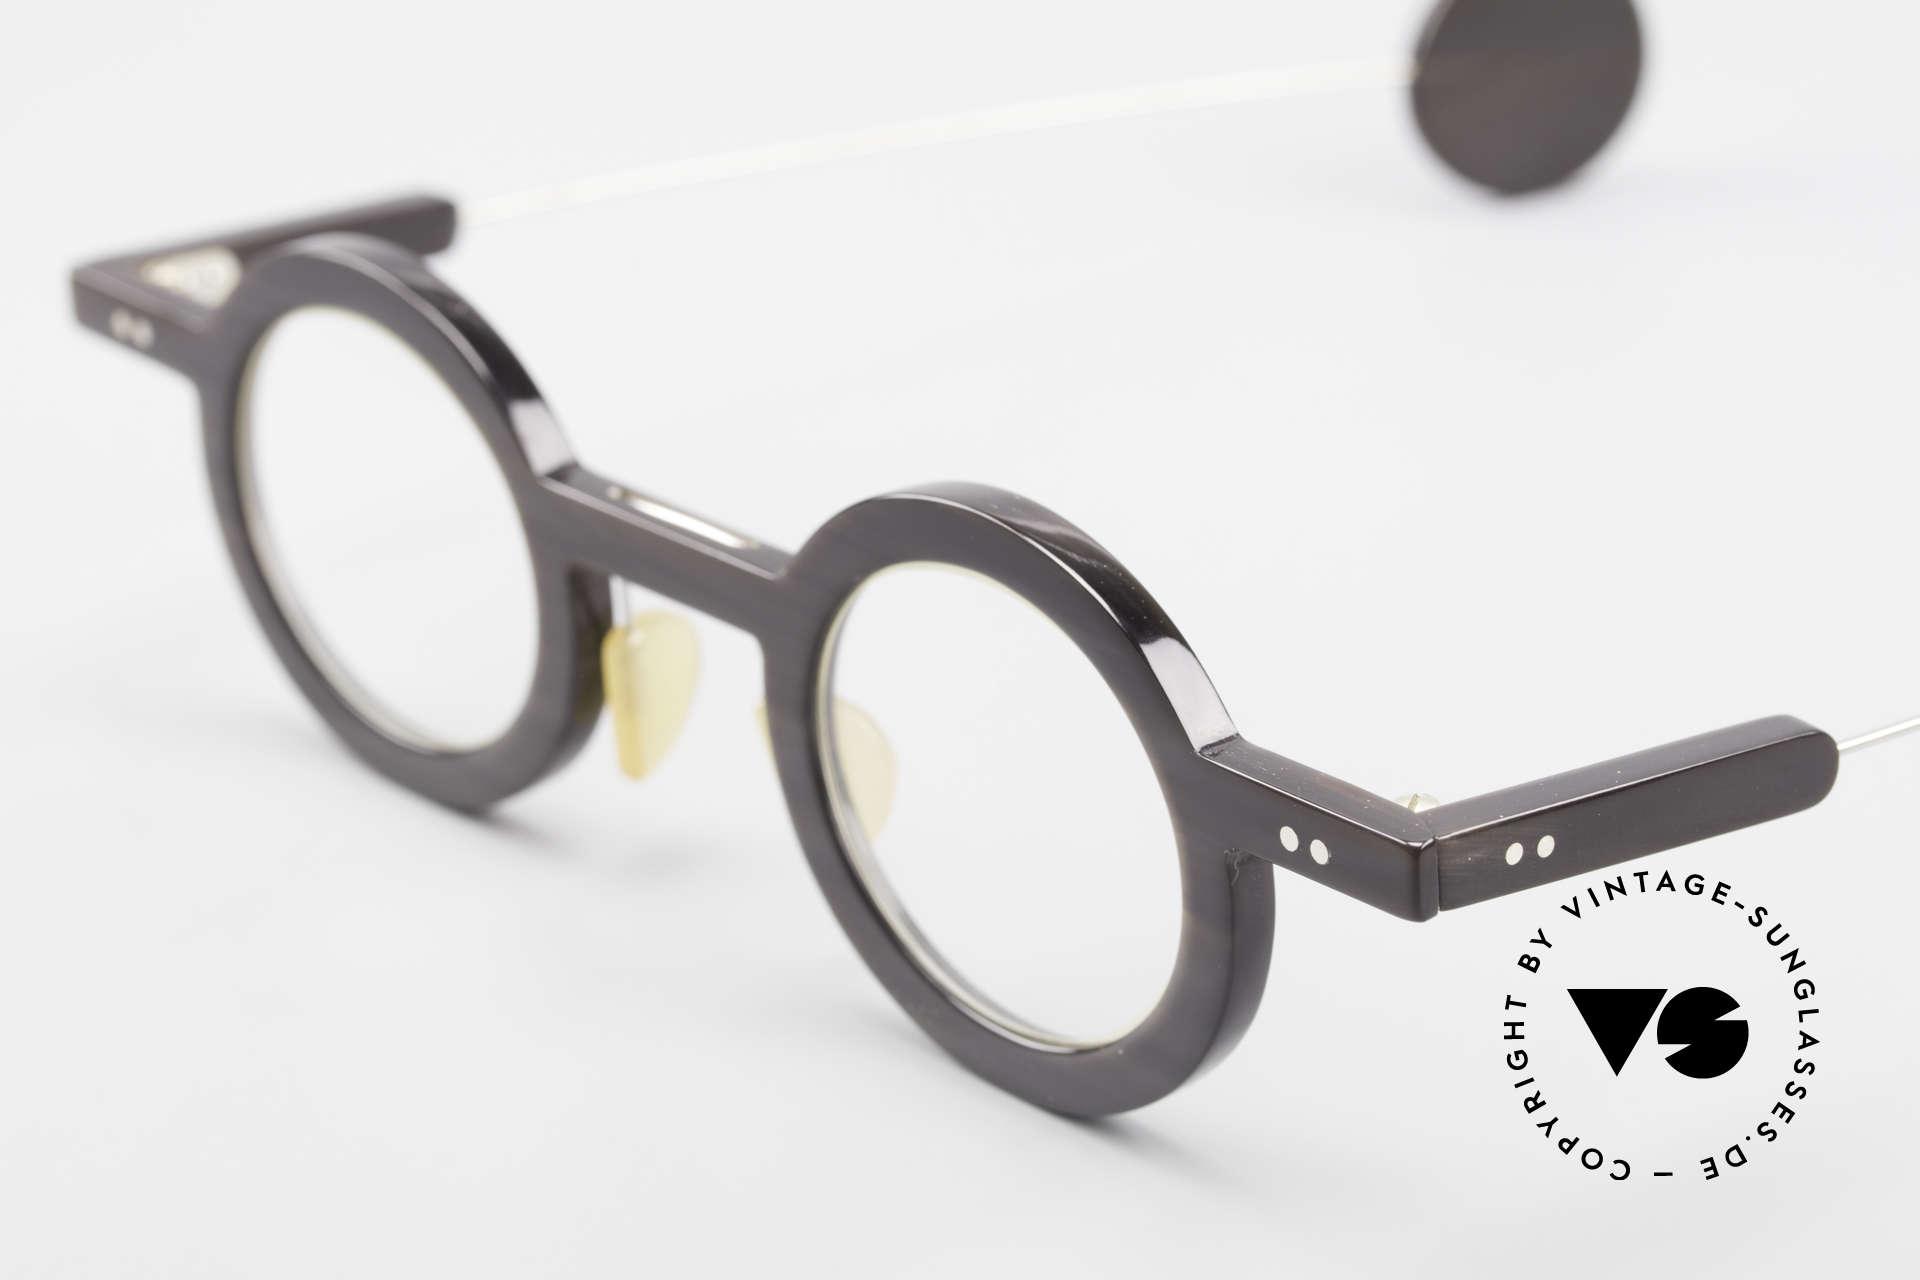 P. Klenk Rugby 014 Echthornbrille Rund Vintage, ungetragenes vintage EINZELSTÜCK aus dem Jahre 1994, Passend für Herren